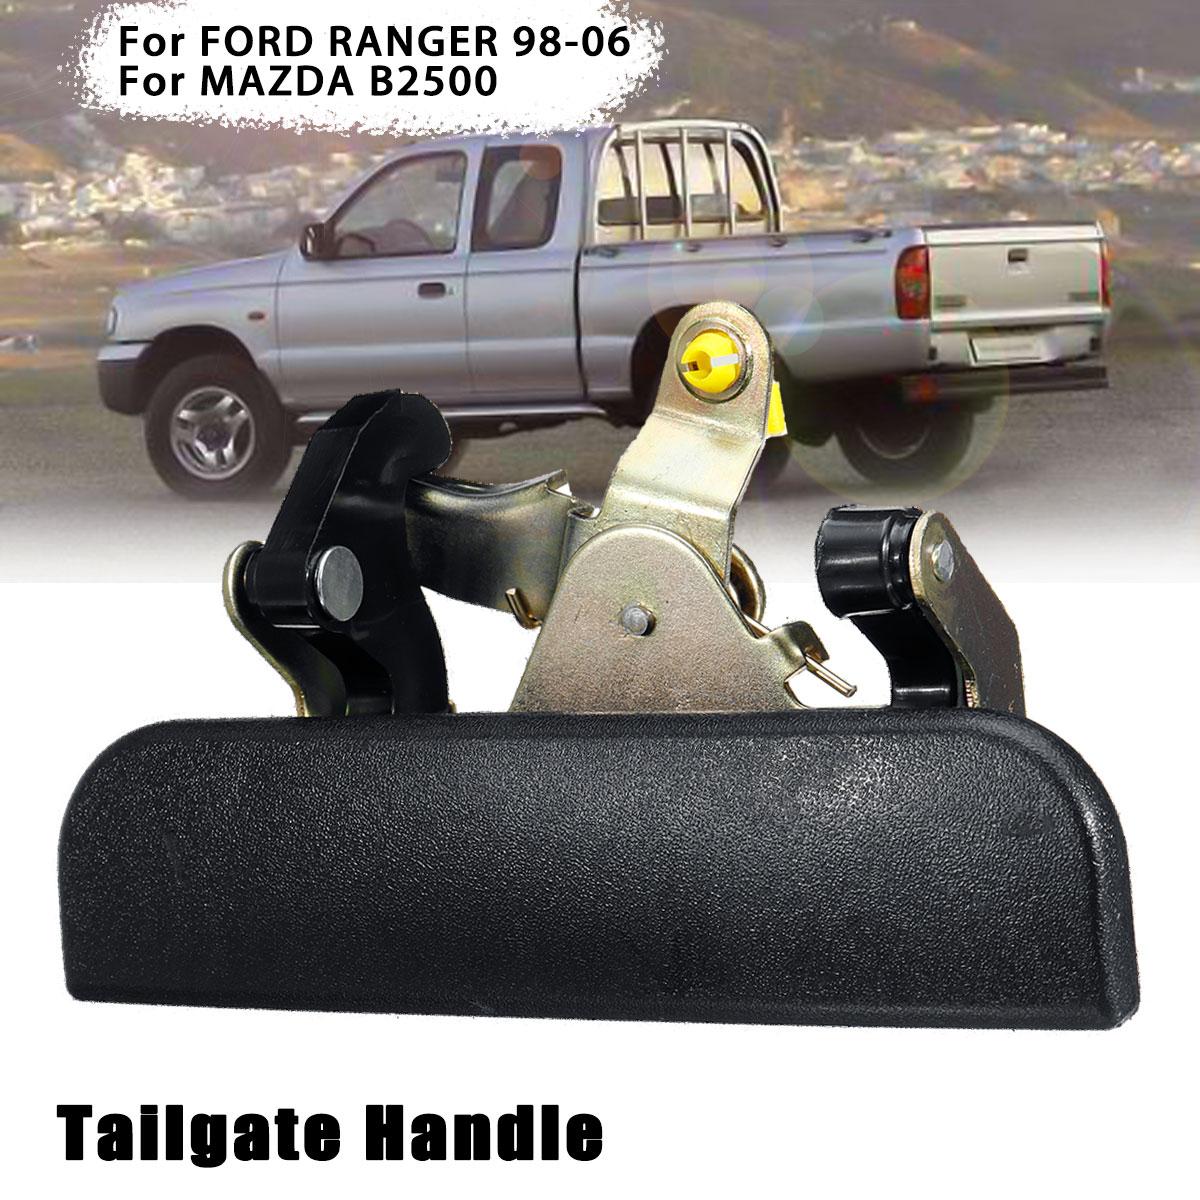 Zwart Achterklep Trunk Handvat Voor Ford Ranger Voor Mazda B2500 Voor Pickup 1999 2000 2001 2002 2003 2004 2005 2006 2007